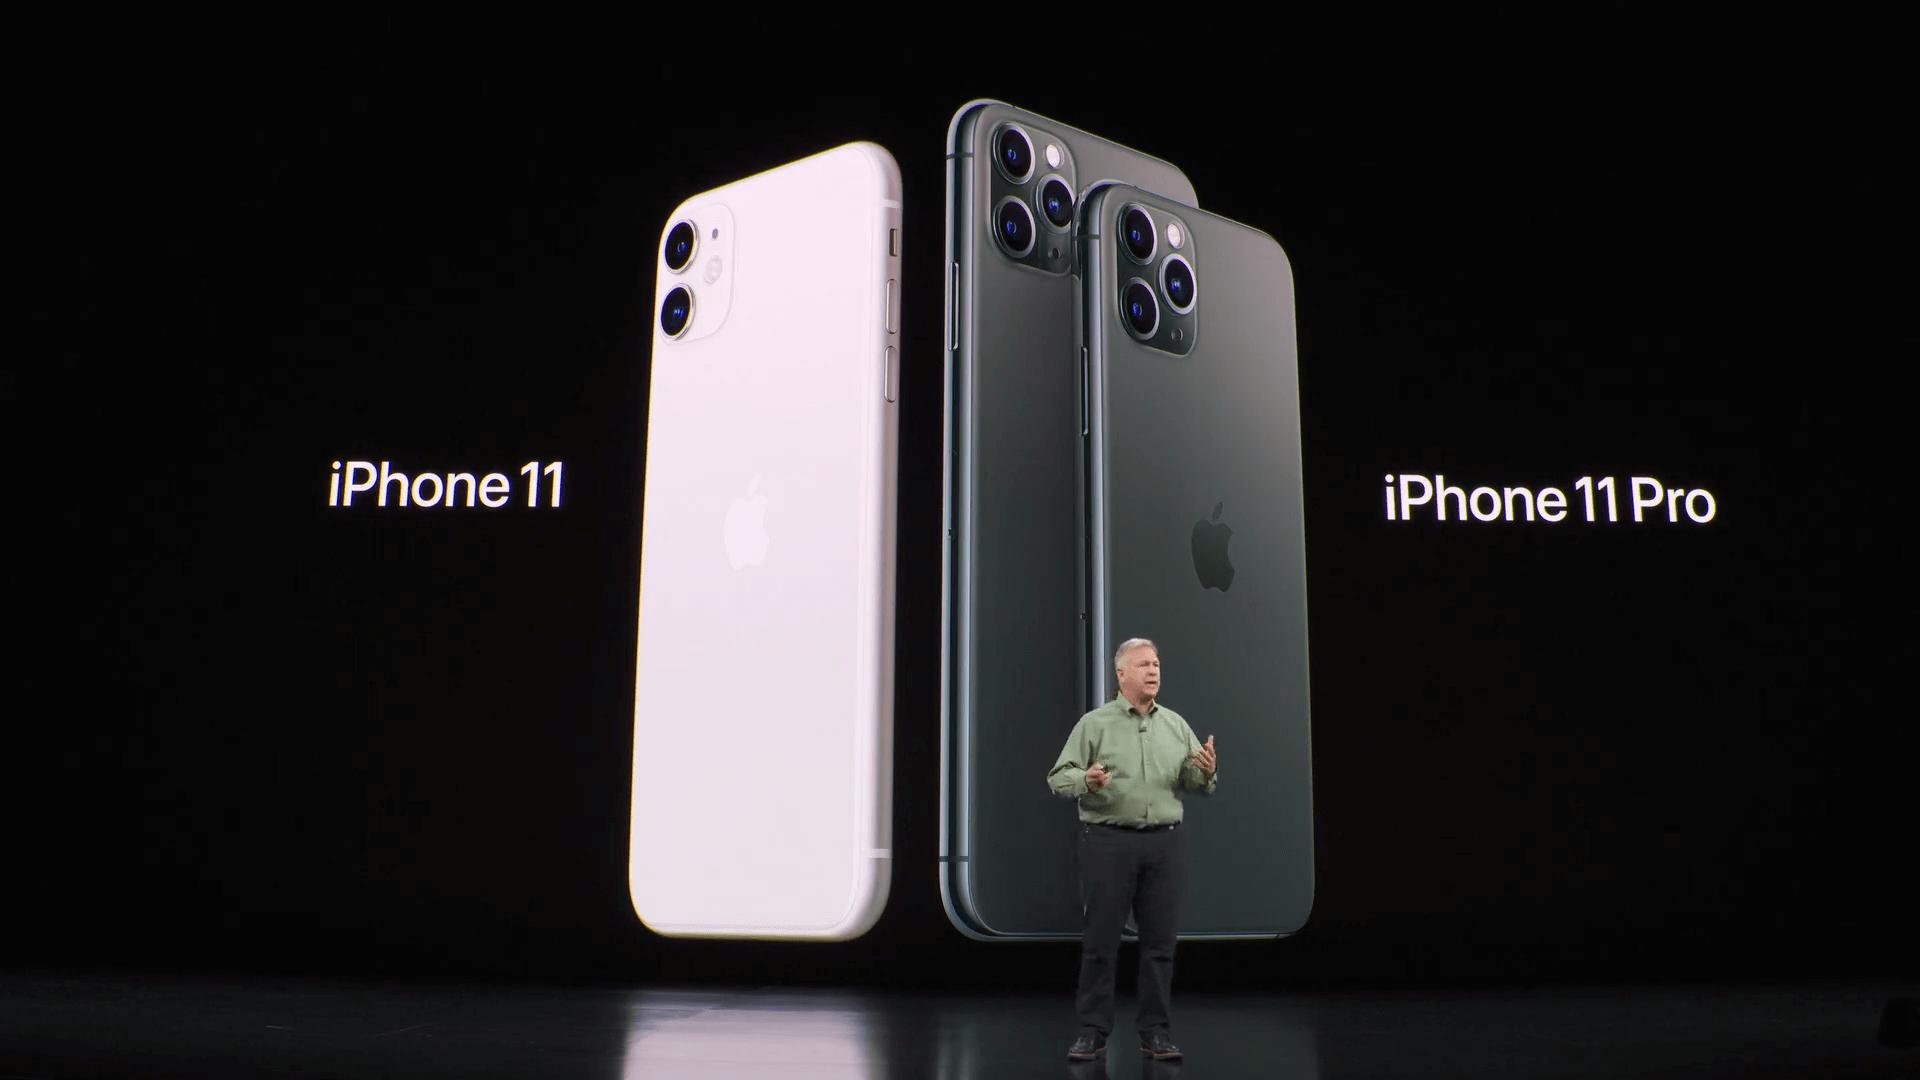 Bu iPhone'un resmi fiyatıdır. İspanya 1 için 11